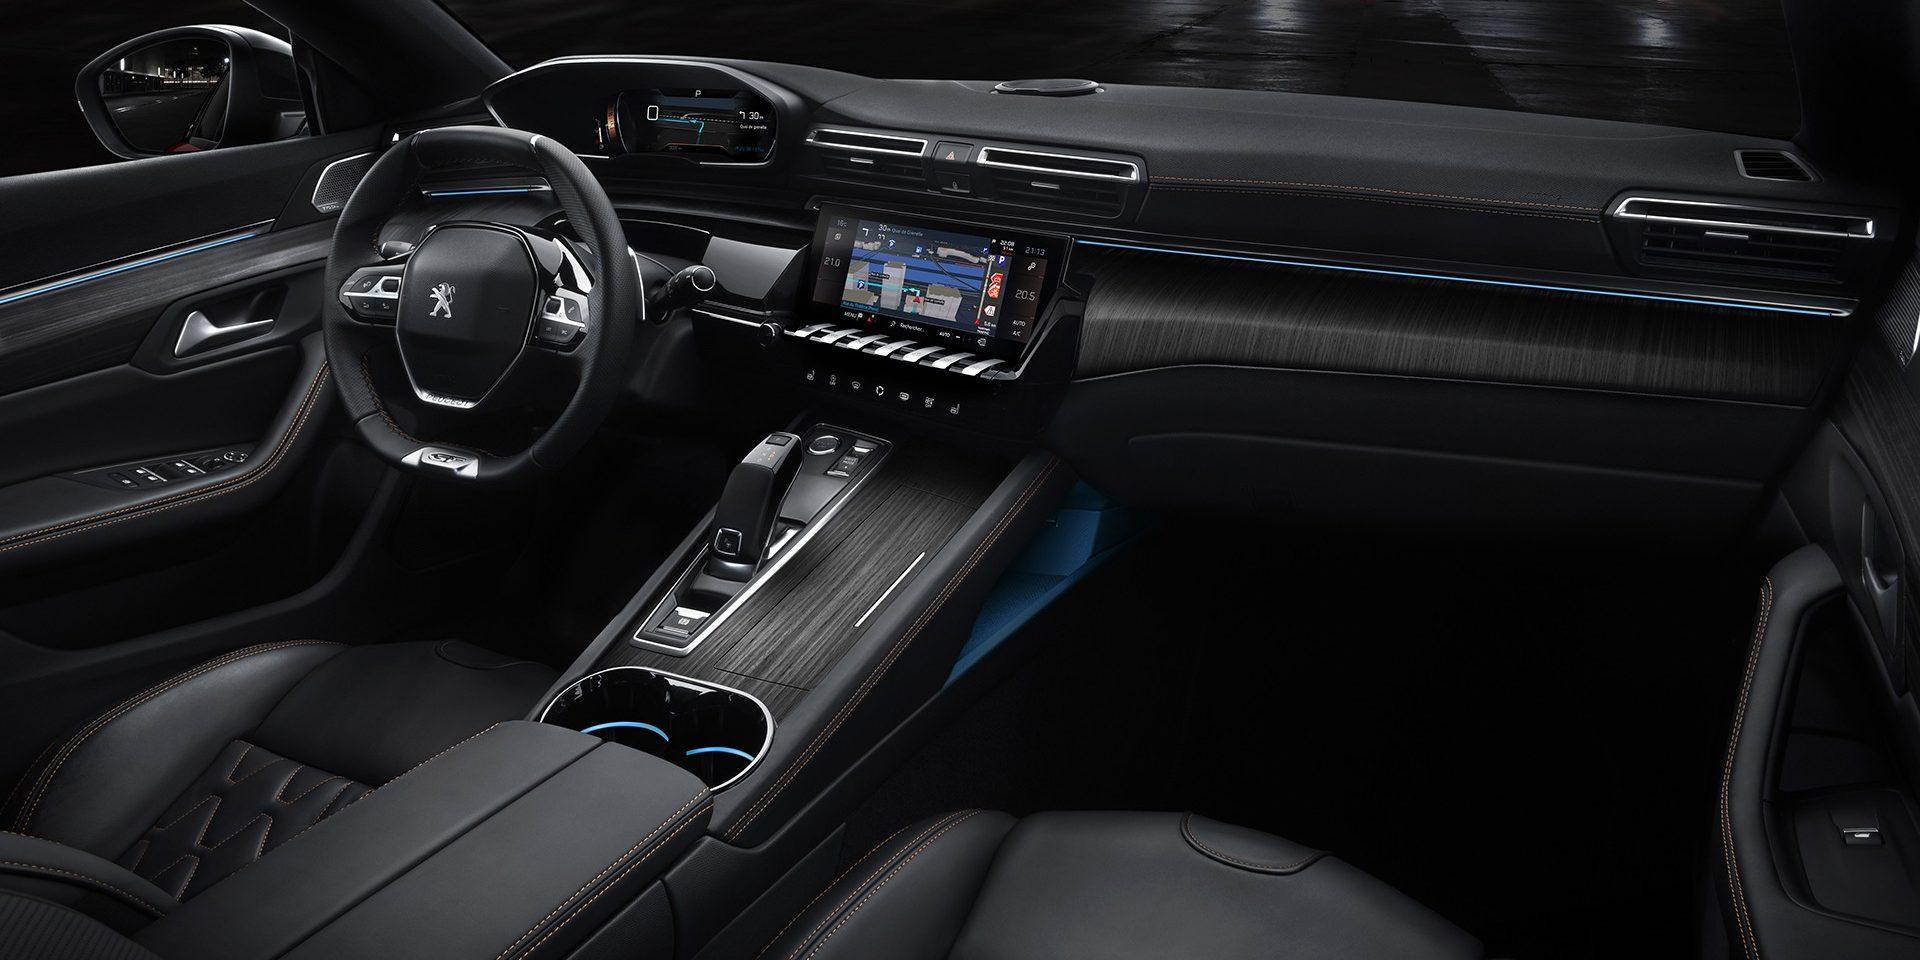 Após vazamento de fotos na internet, Peugeot 508 é apresentado. Nova geração chega às ruas no segundo semestre; sedã está menor, mais leve e com tecnologia de sobra.